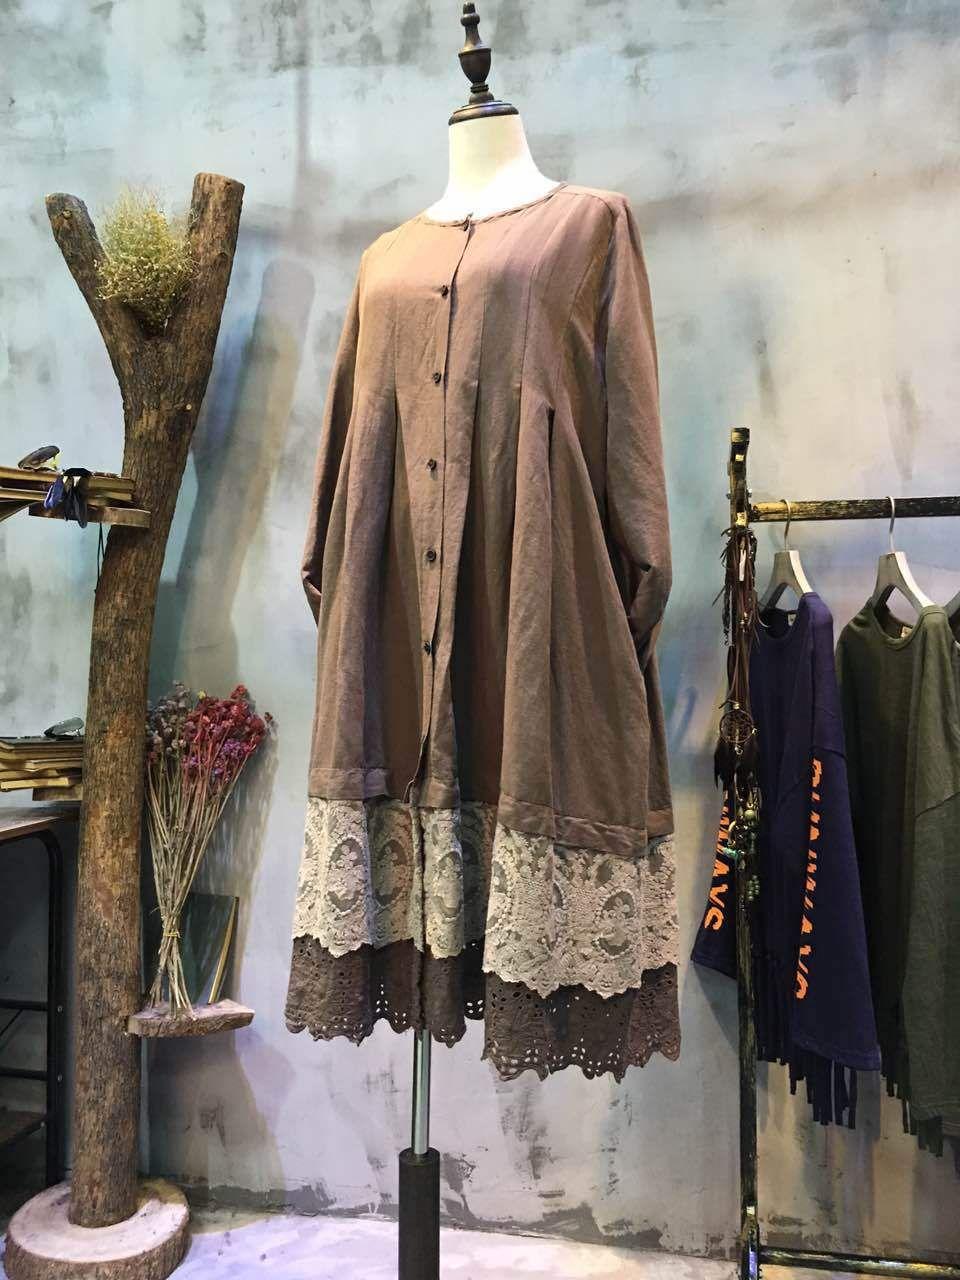 Spring Fashion Plus Size Crochet Lace Dress Beautiful Dress    #crochet #lace #brown #oversize #plussize #over50 #elder #senior #dress #boutique #linen